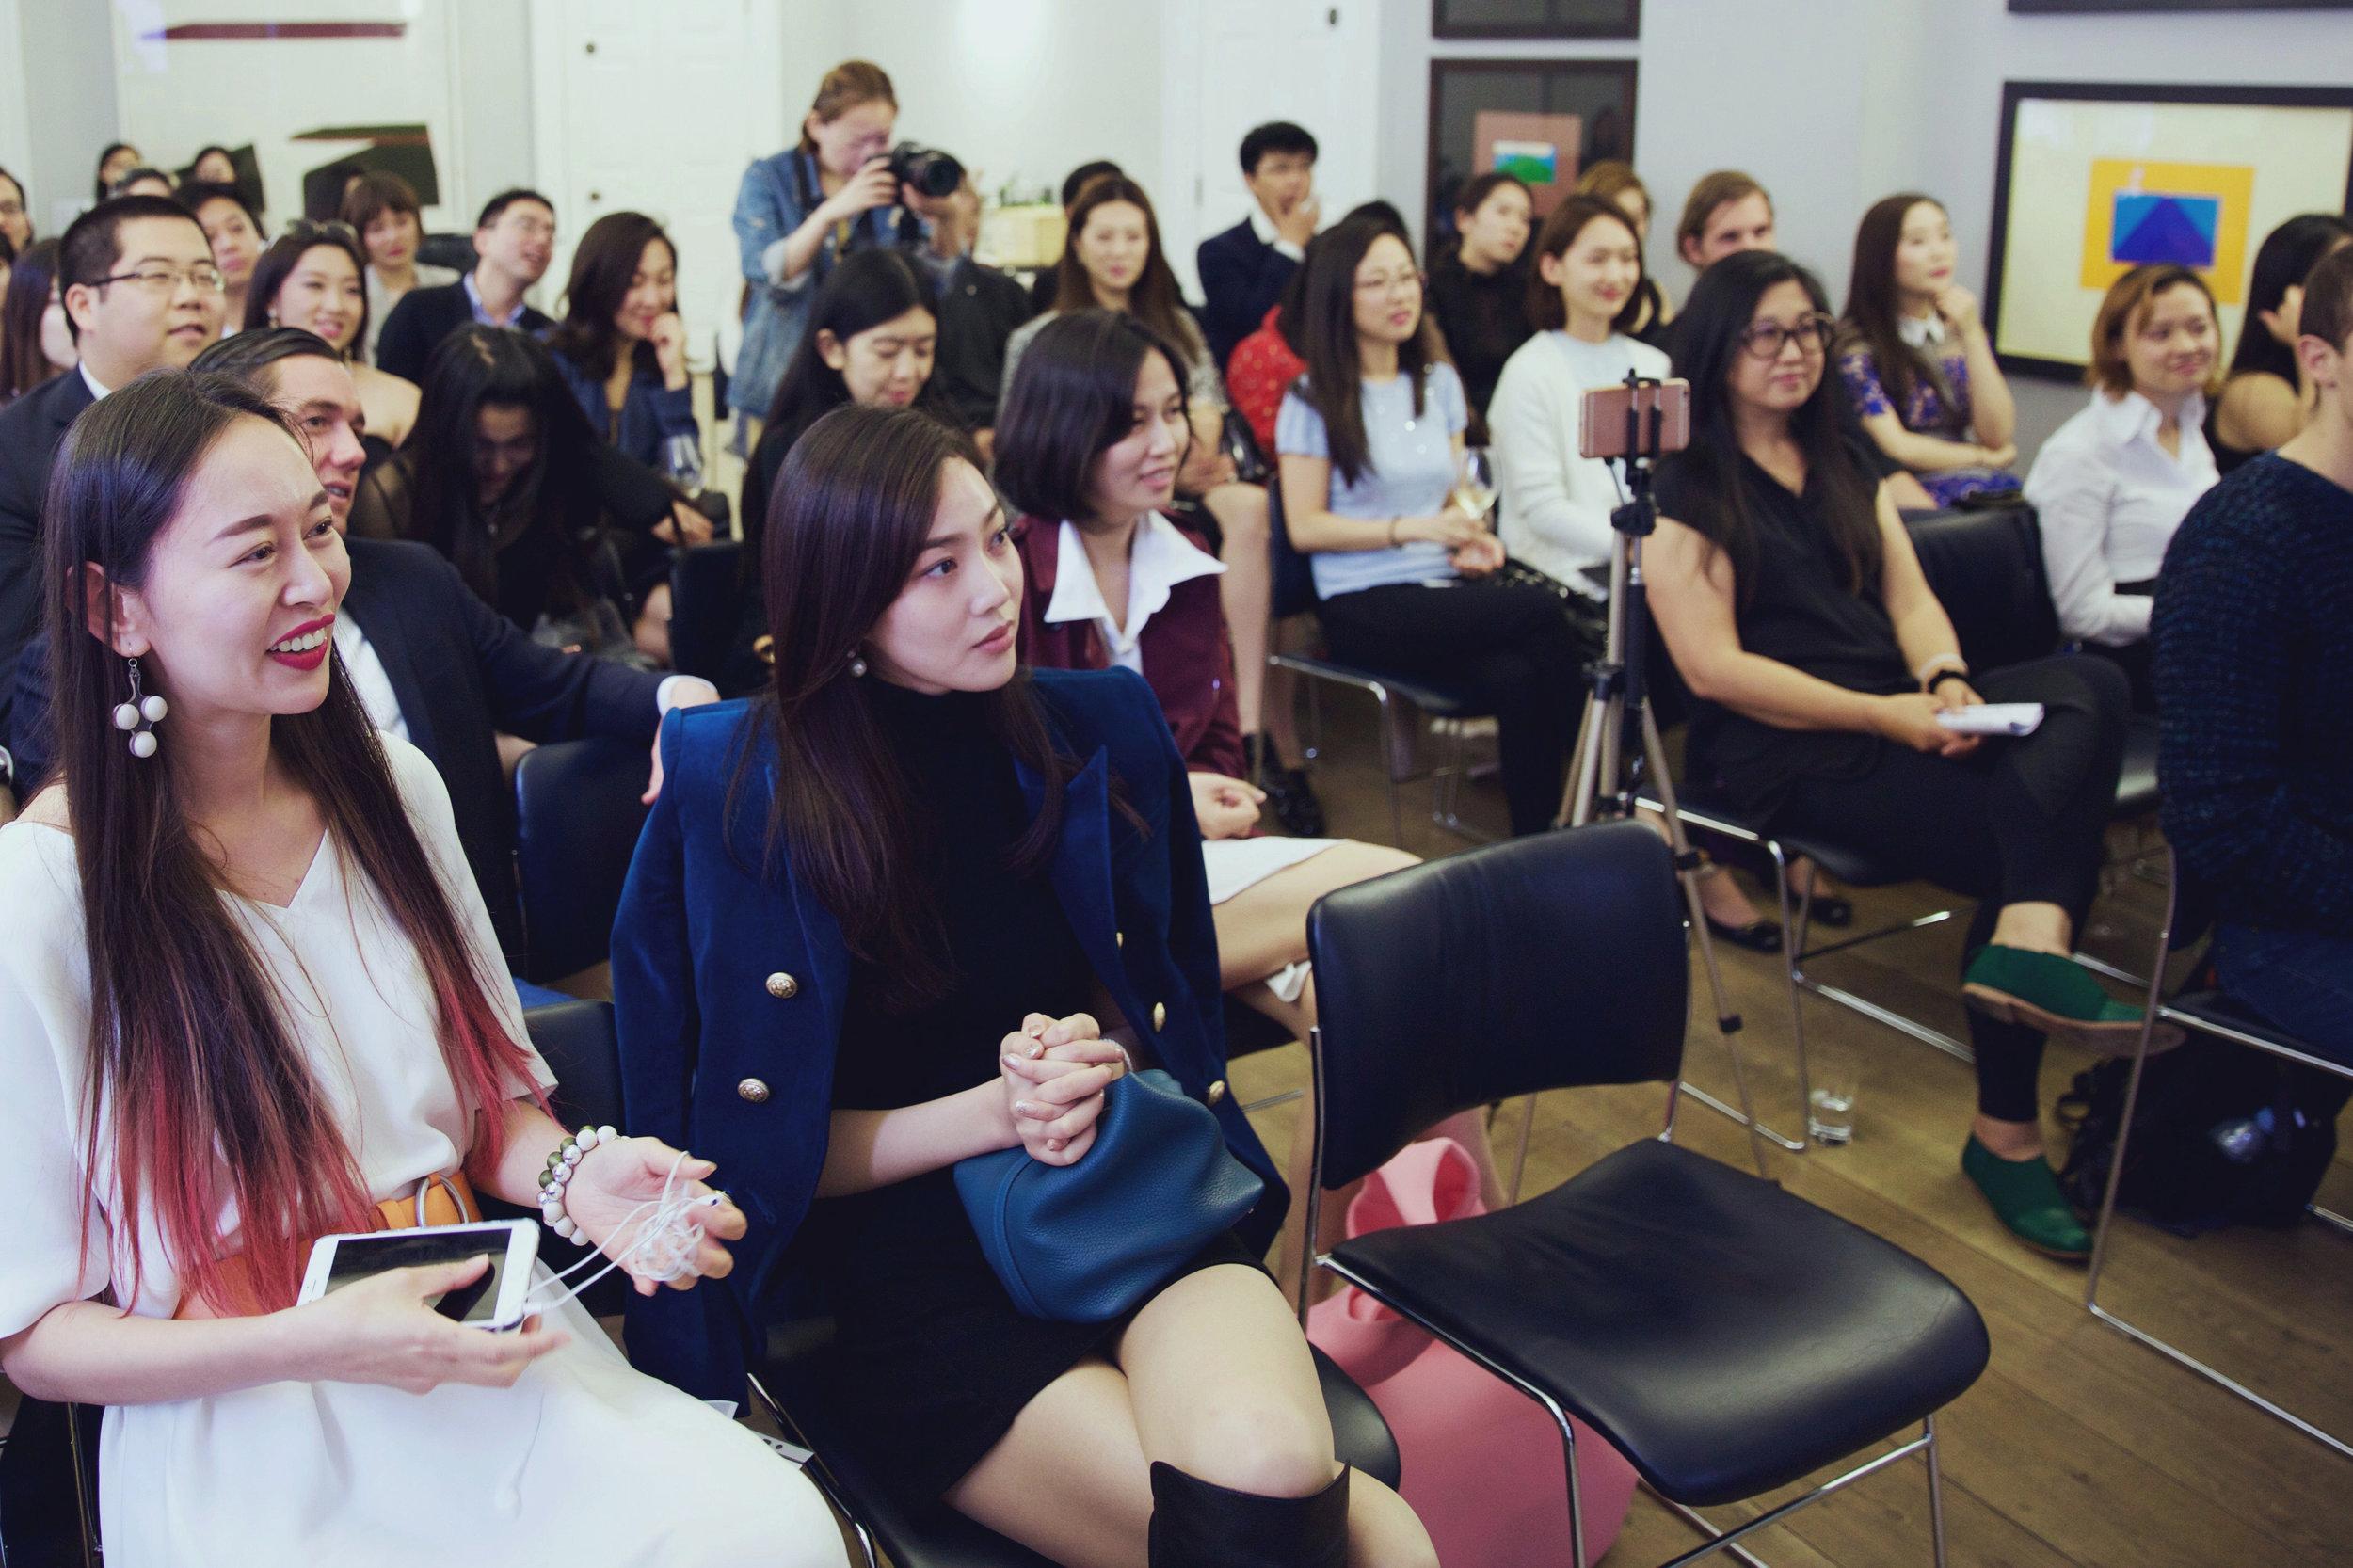 中英创意产业论坛 - 2017 INSPIRER HUB创意产业论坛活动